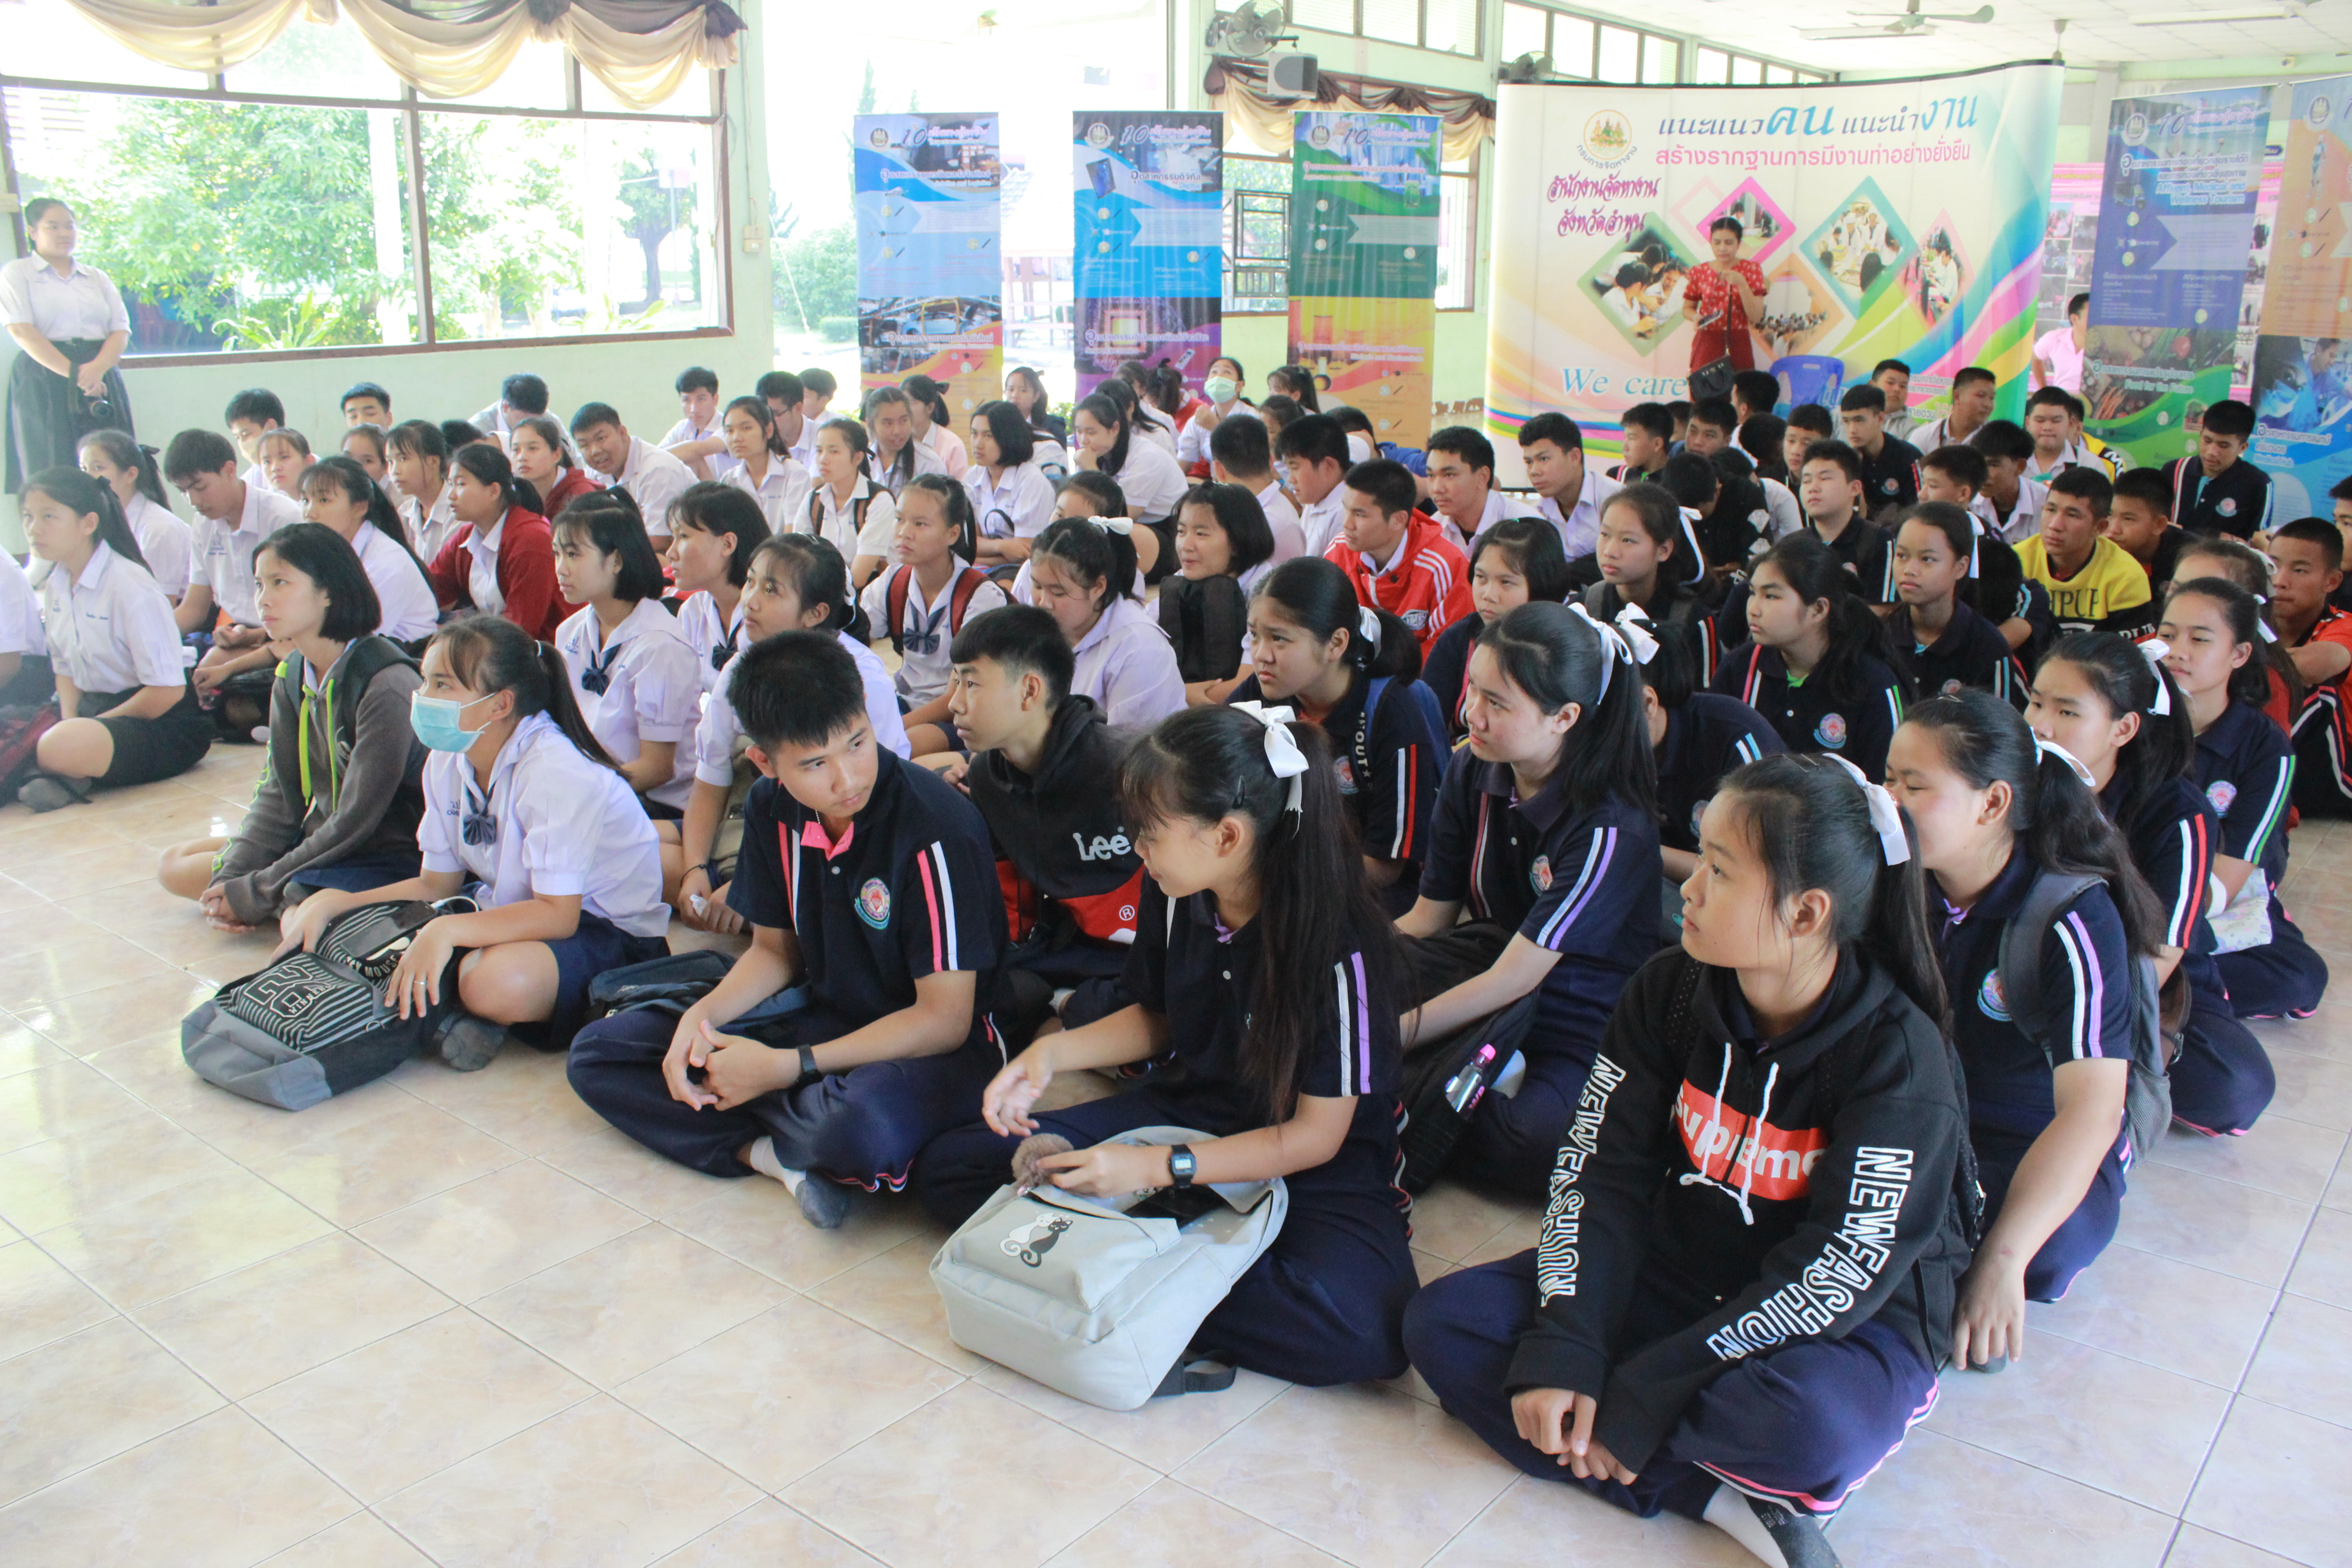 ดำเนินโครงการเตรียมความพร้อมแก่กำลังแรงงาน กิจกรรมแนะแนวอาชีพให้นักเรียน นักศึกษา